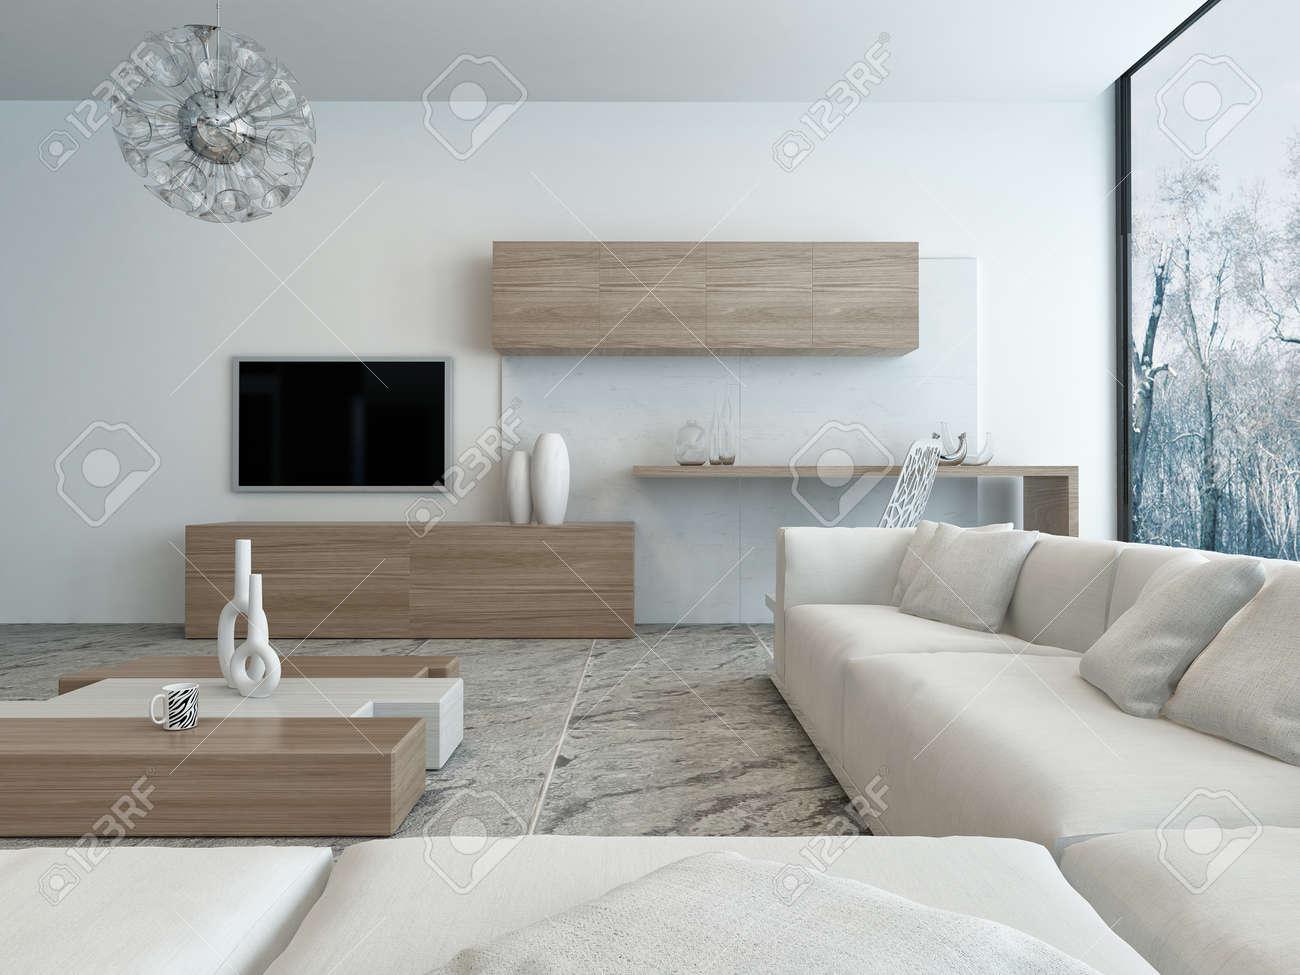 Moderne helle holzstil wohnzimmer innenraum lizenzfreie bilder 28747240